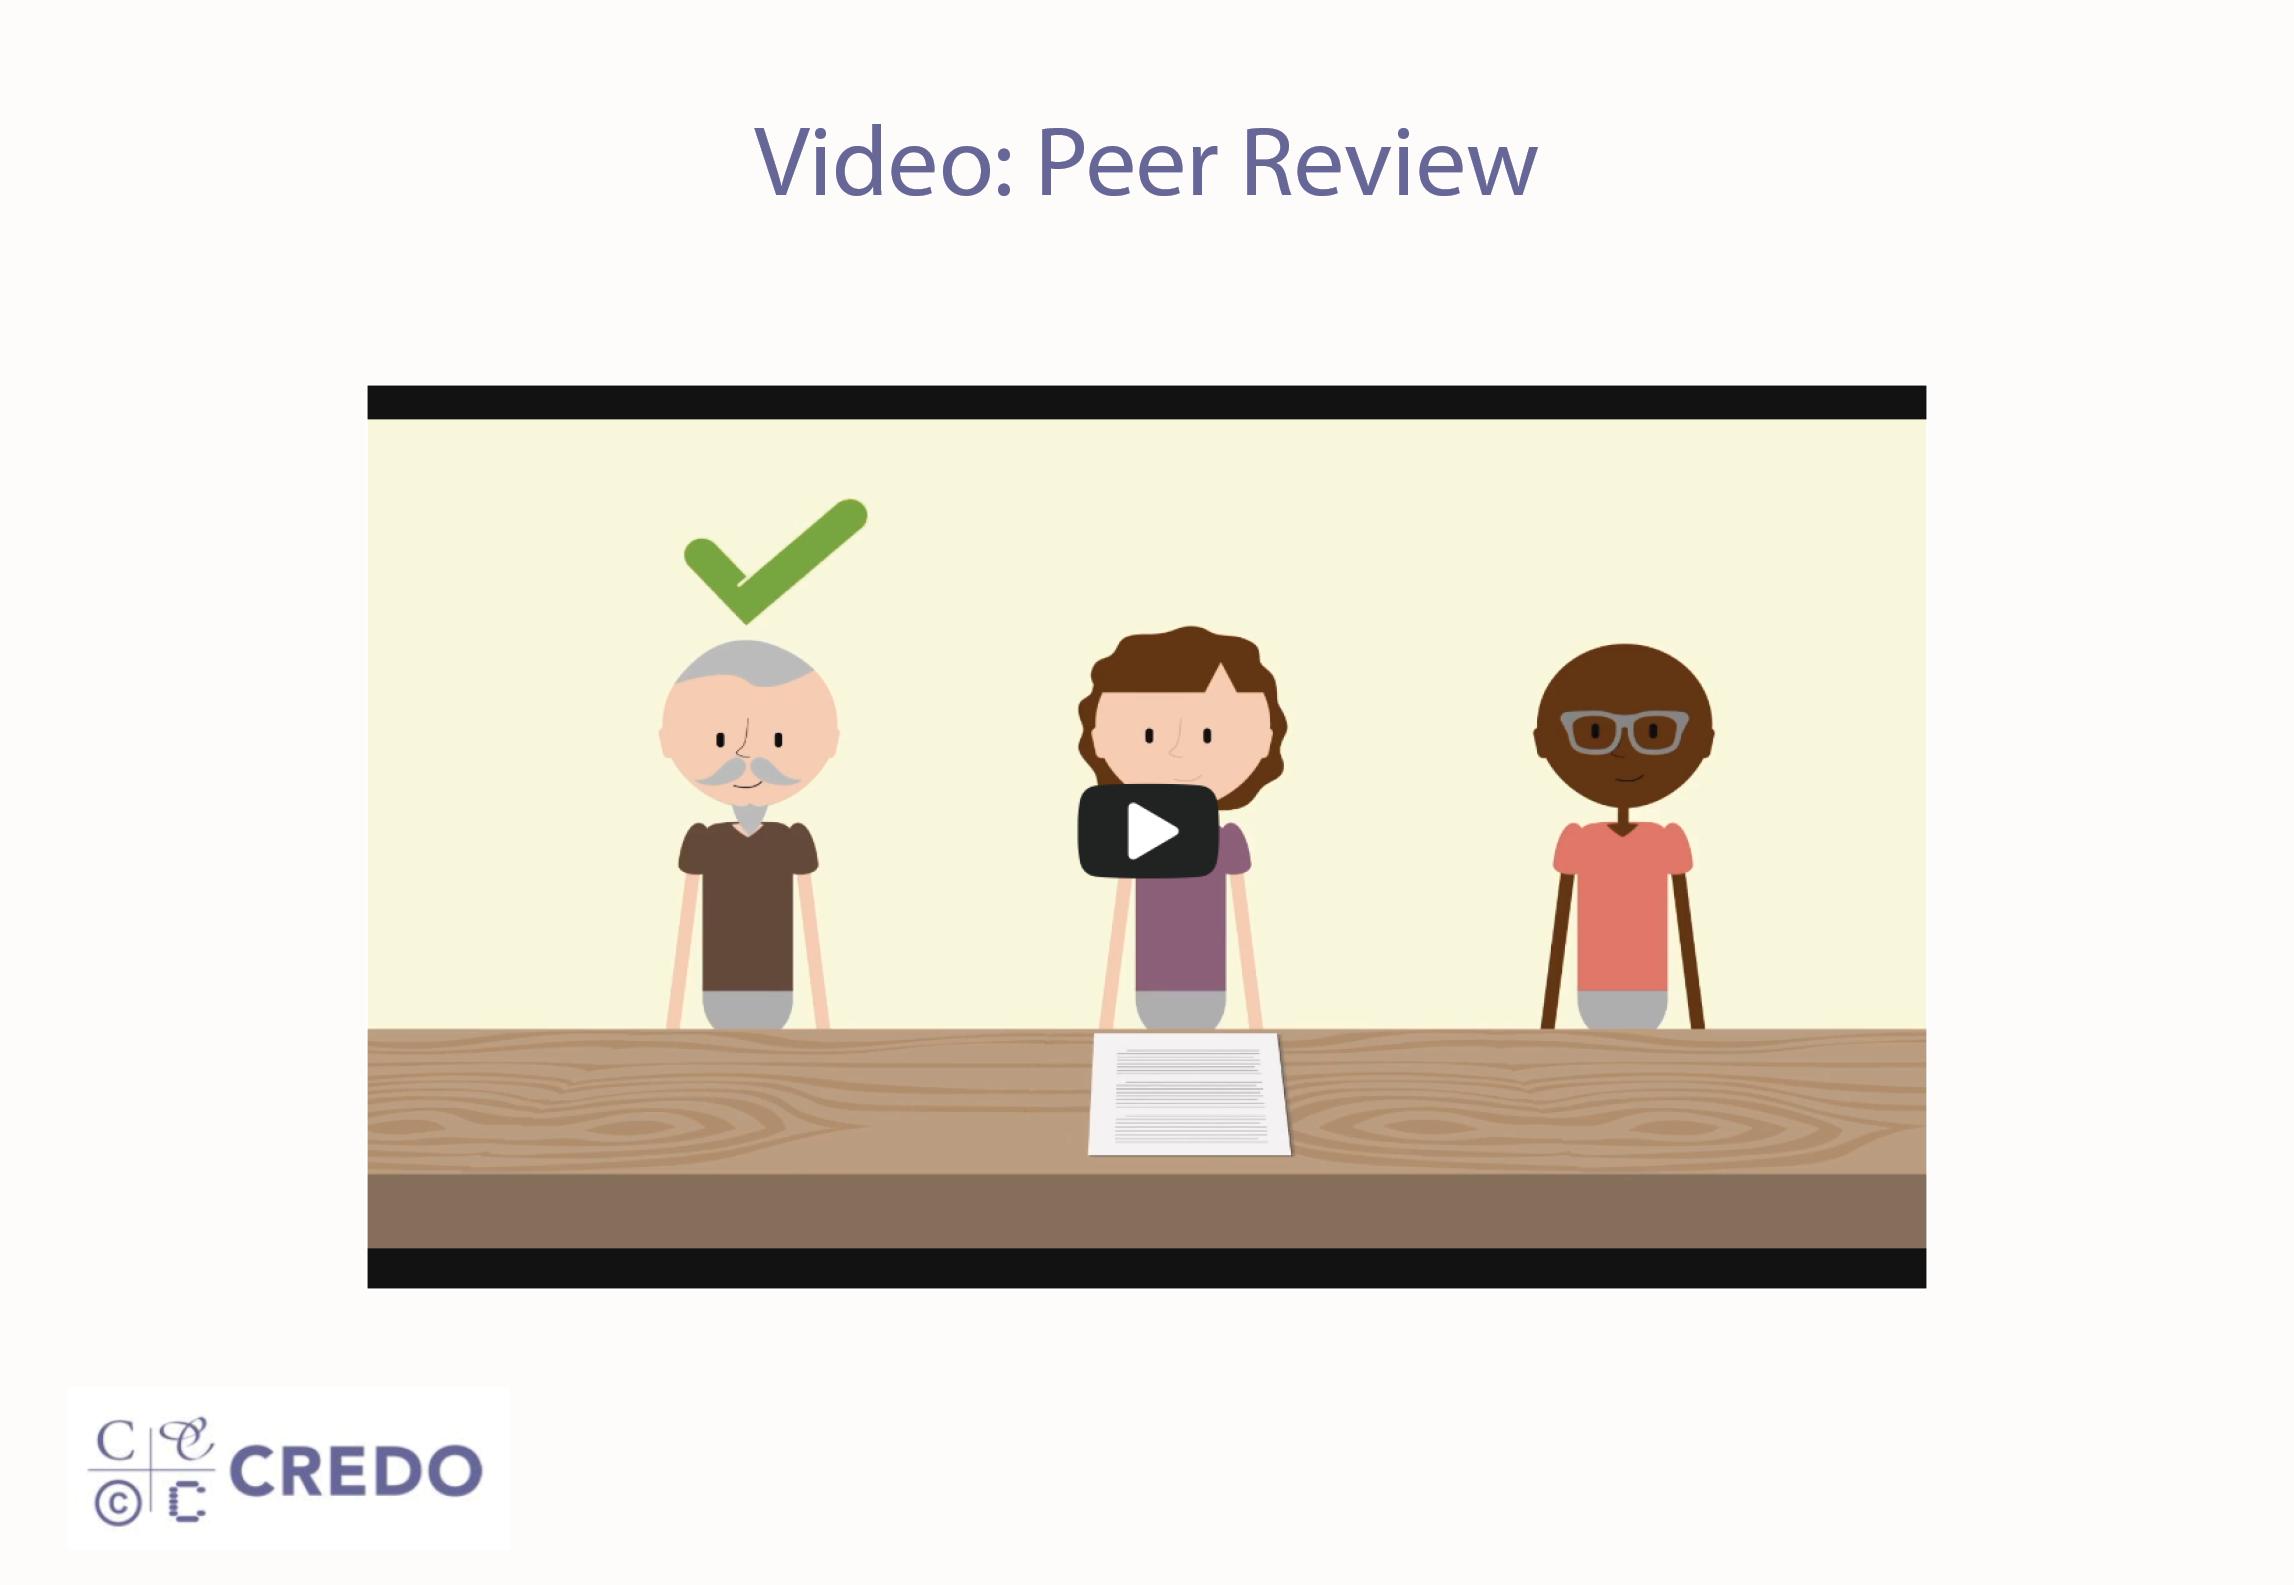 Video: Peer Review